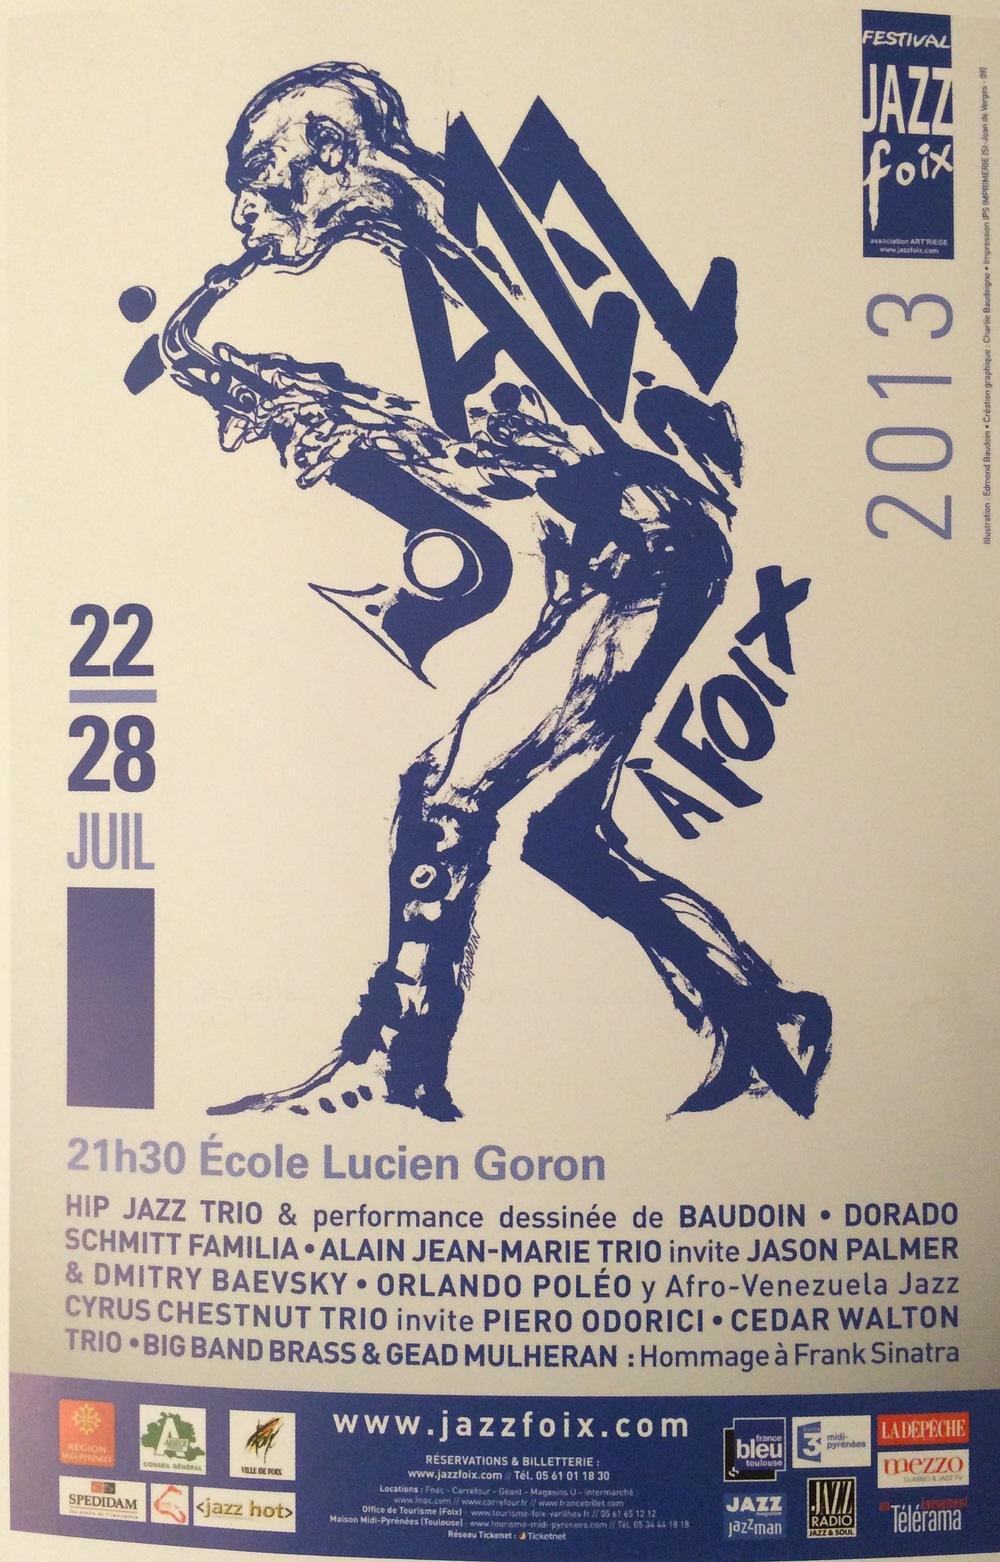 Jazz à Foix 2913.jpg